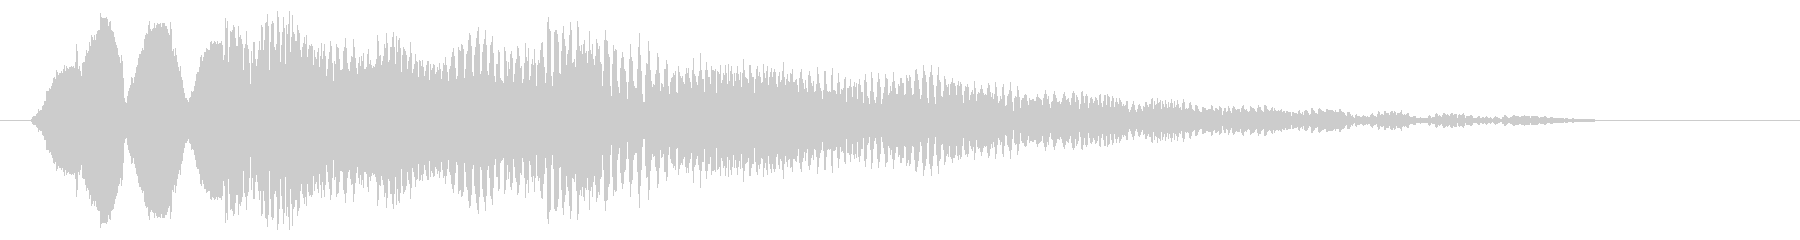 ピョリリリ(鳥の声系)の未再生の波形